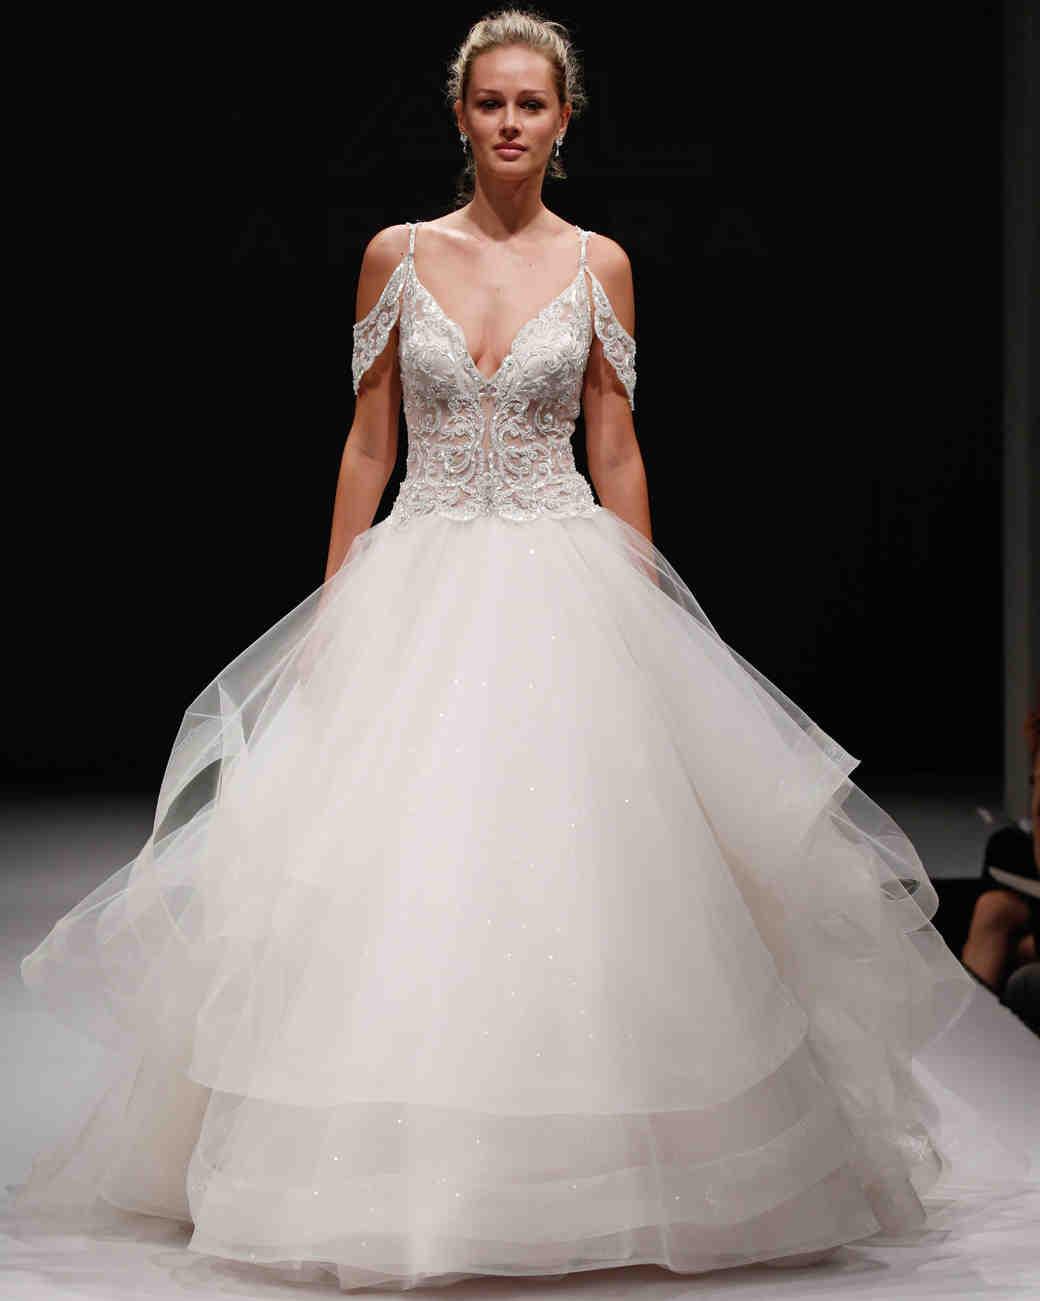 Audrey Hepburn Inspired Wedding Dresses 42 Amazing Eve of Milady Fall